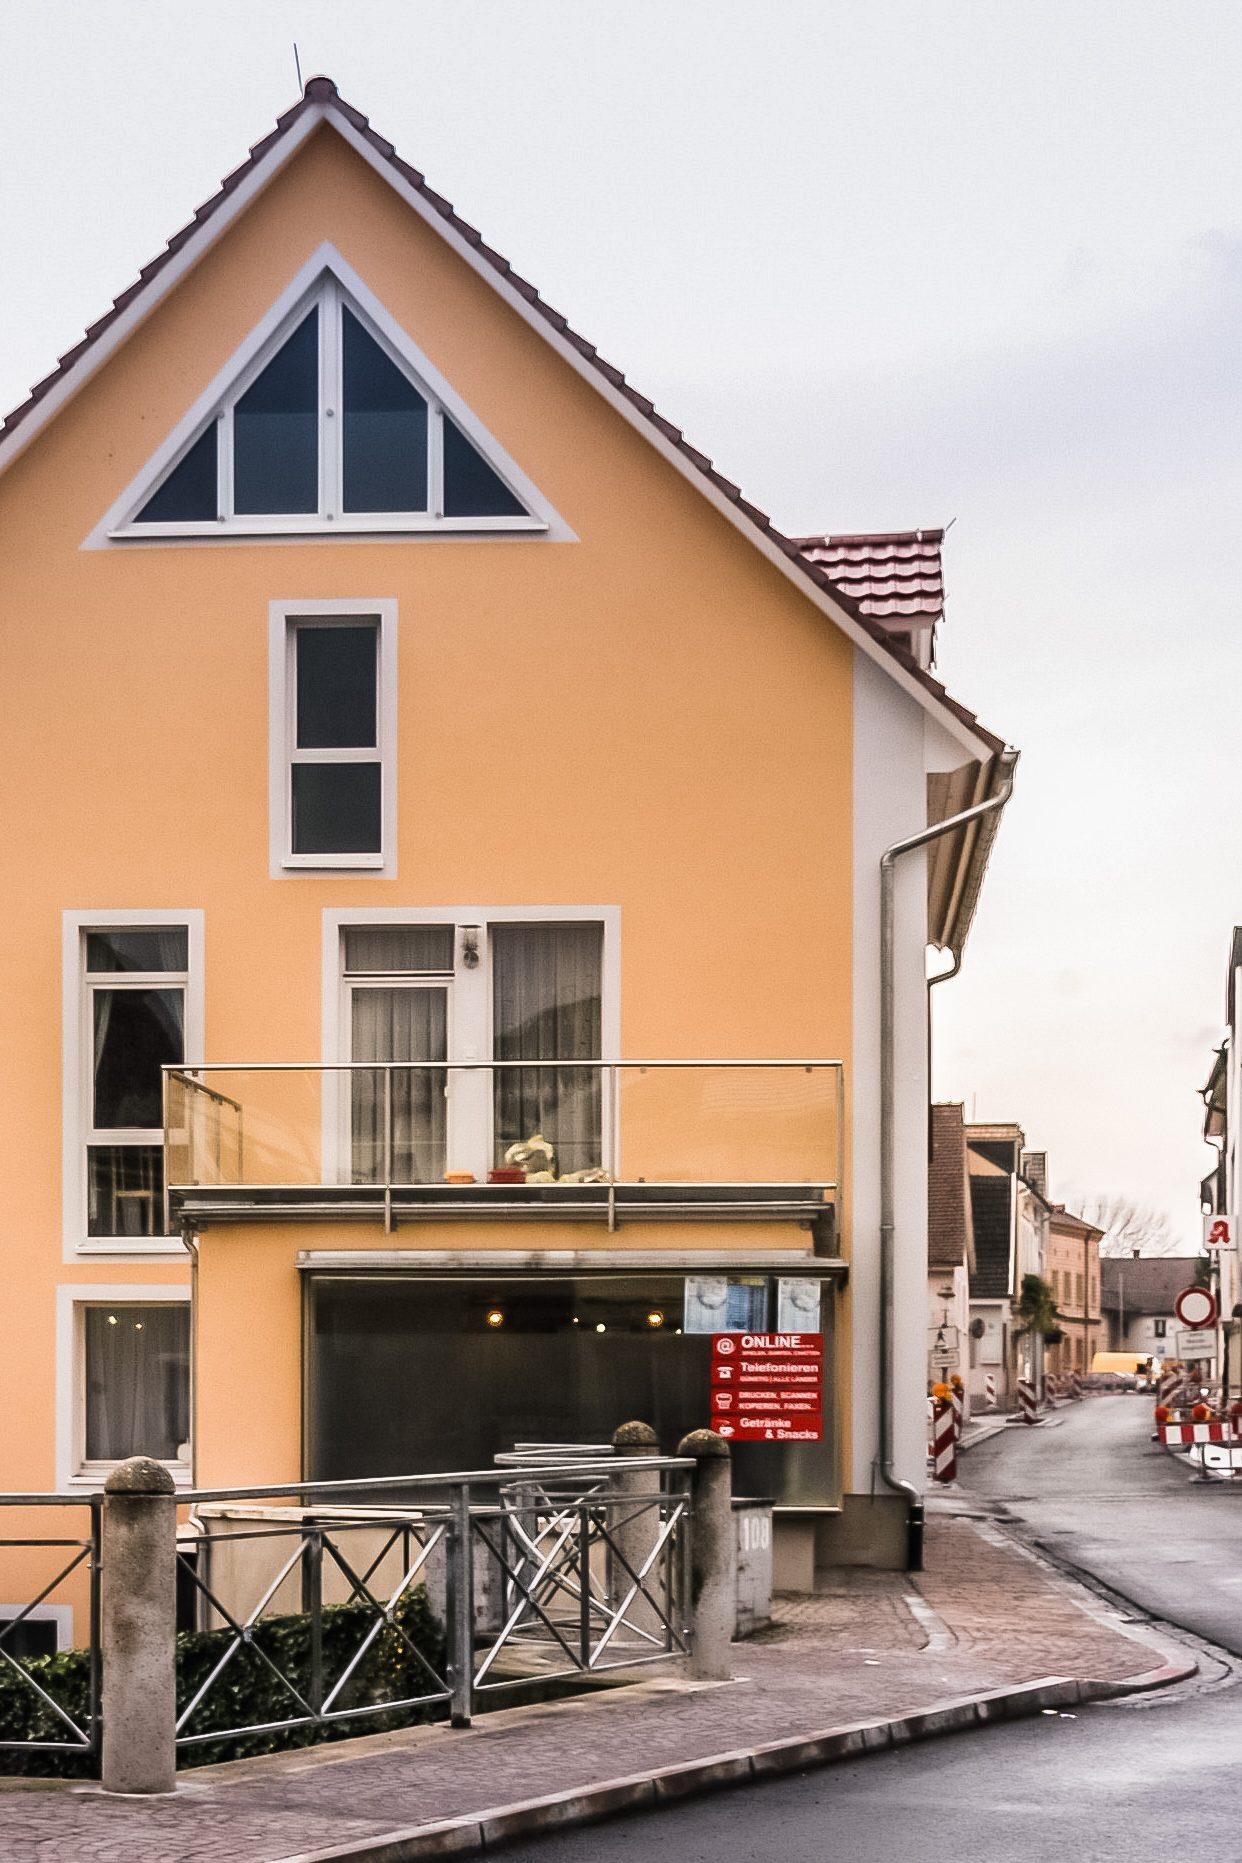 Umbau und Sanierung von Wohn- und Geschäftsflächen